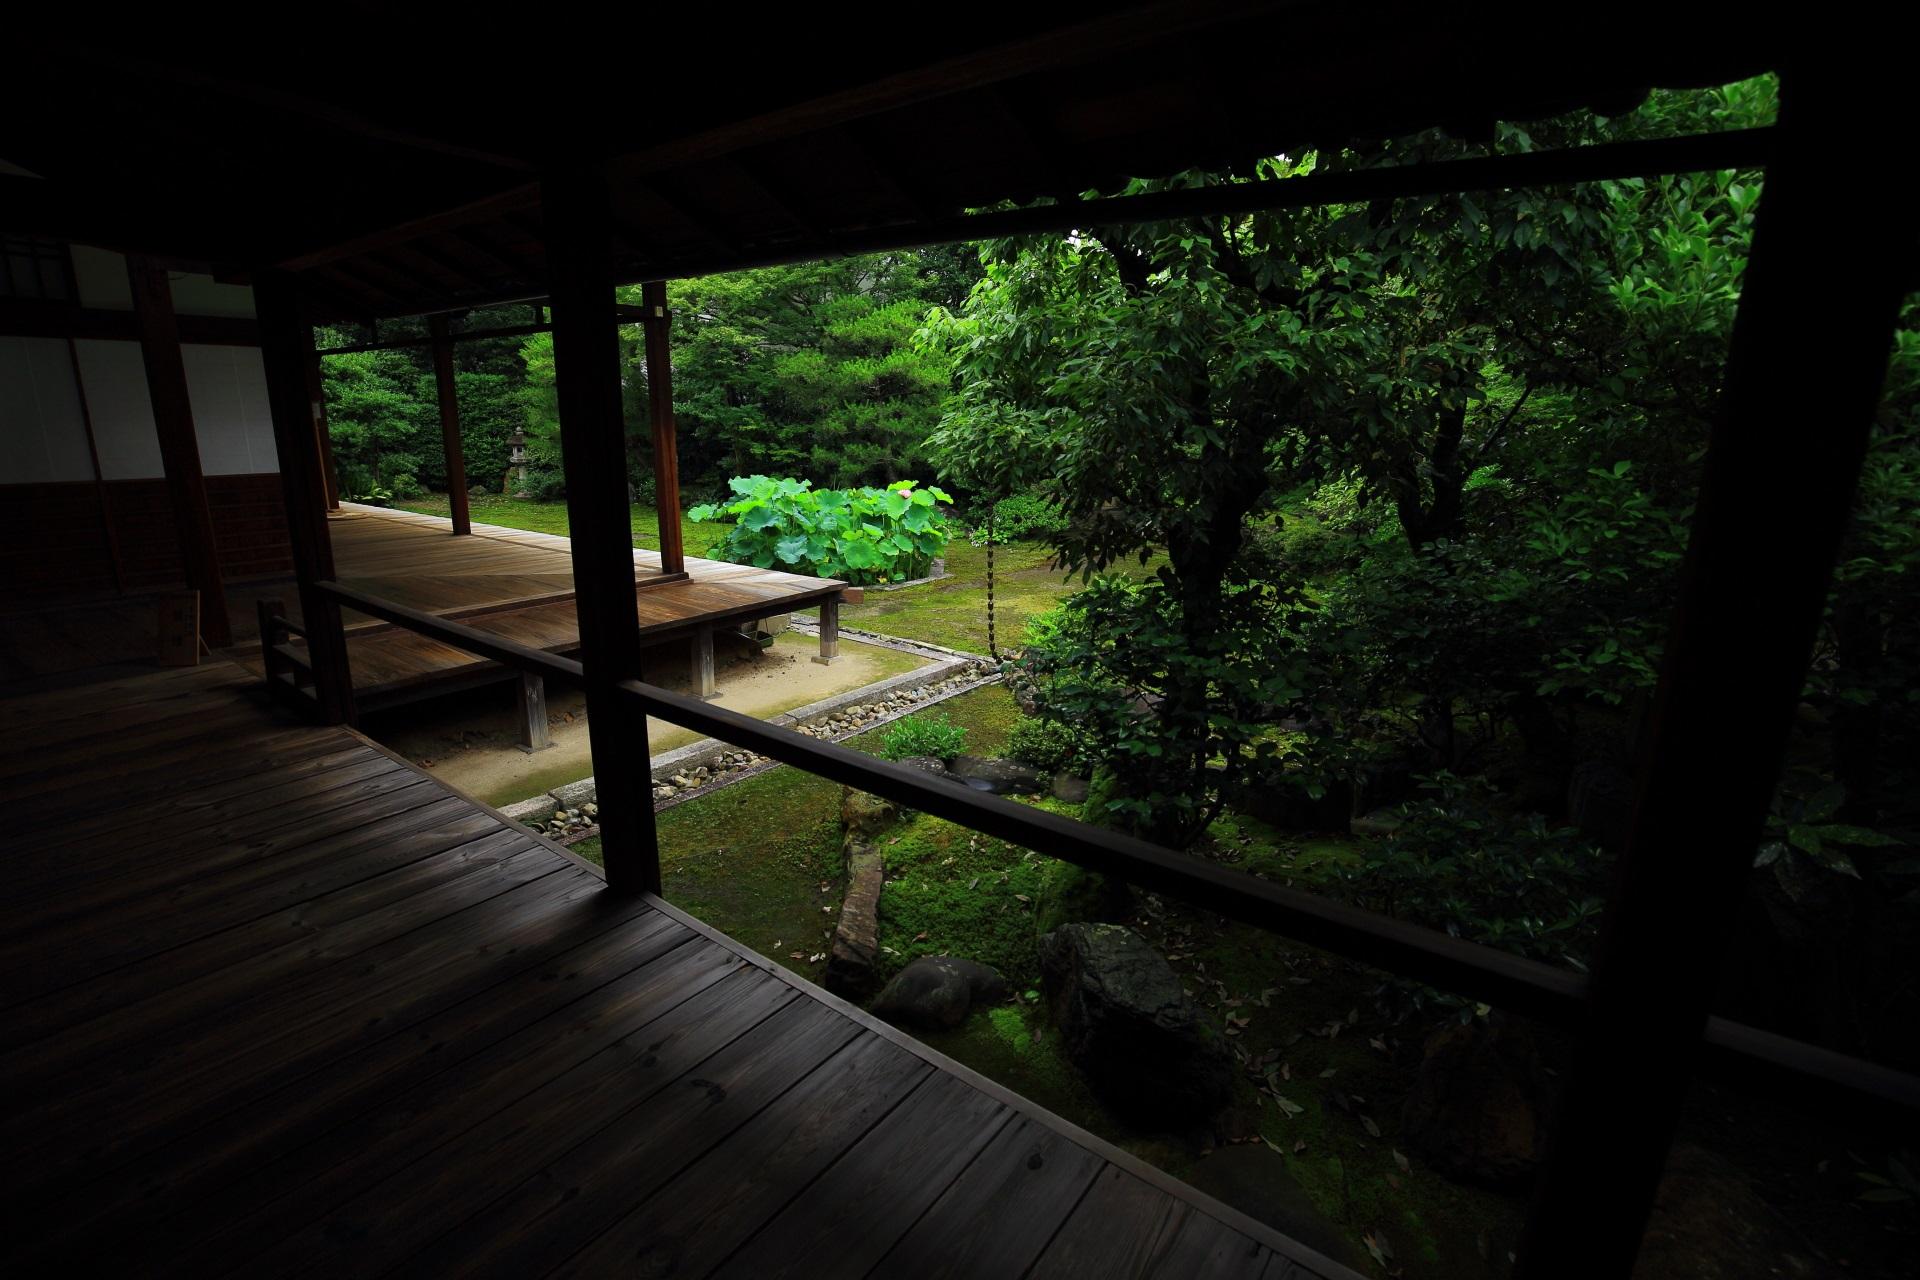 風情ある回廊でつながる本法寺の巴の庭と蓮池